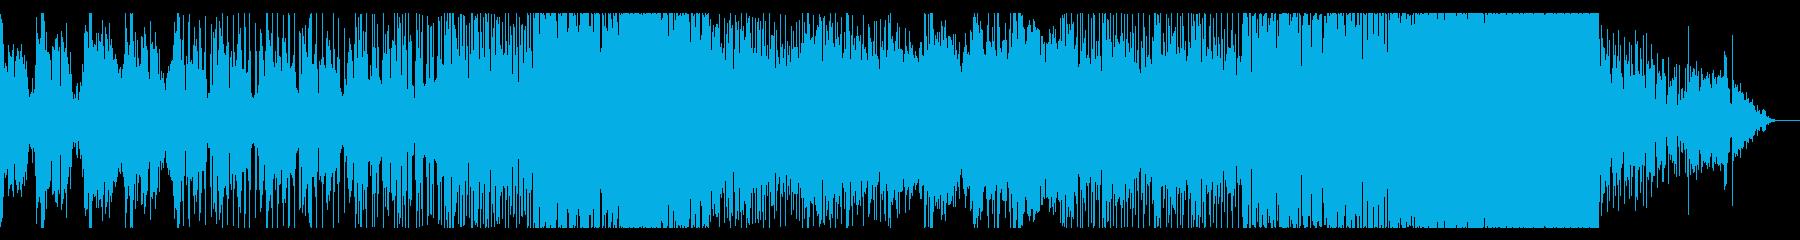 激しめのトランステクノミュージックですの再生済みの波形